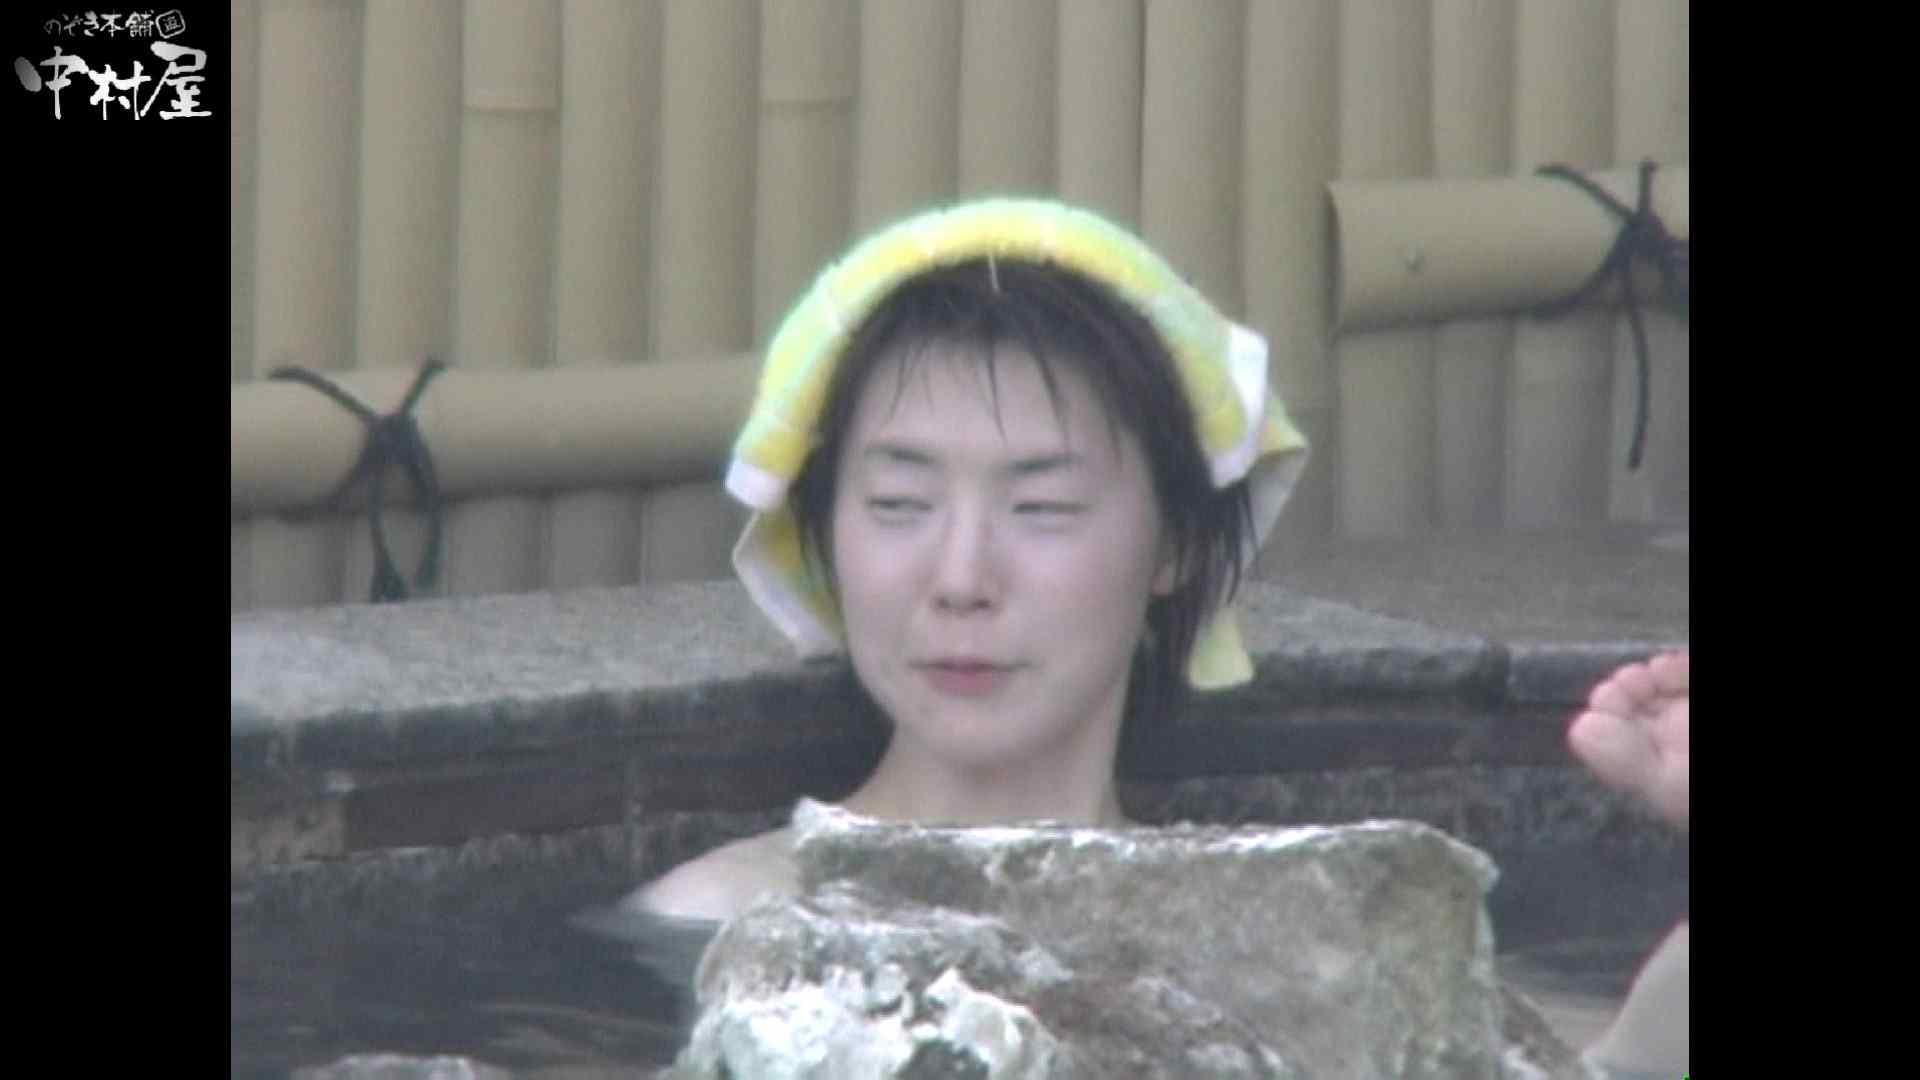 Aquaな露天風呂Vol.938 HなOL SEX無修正画像 111pic 54